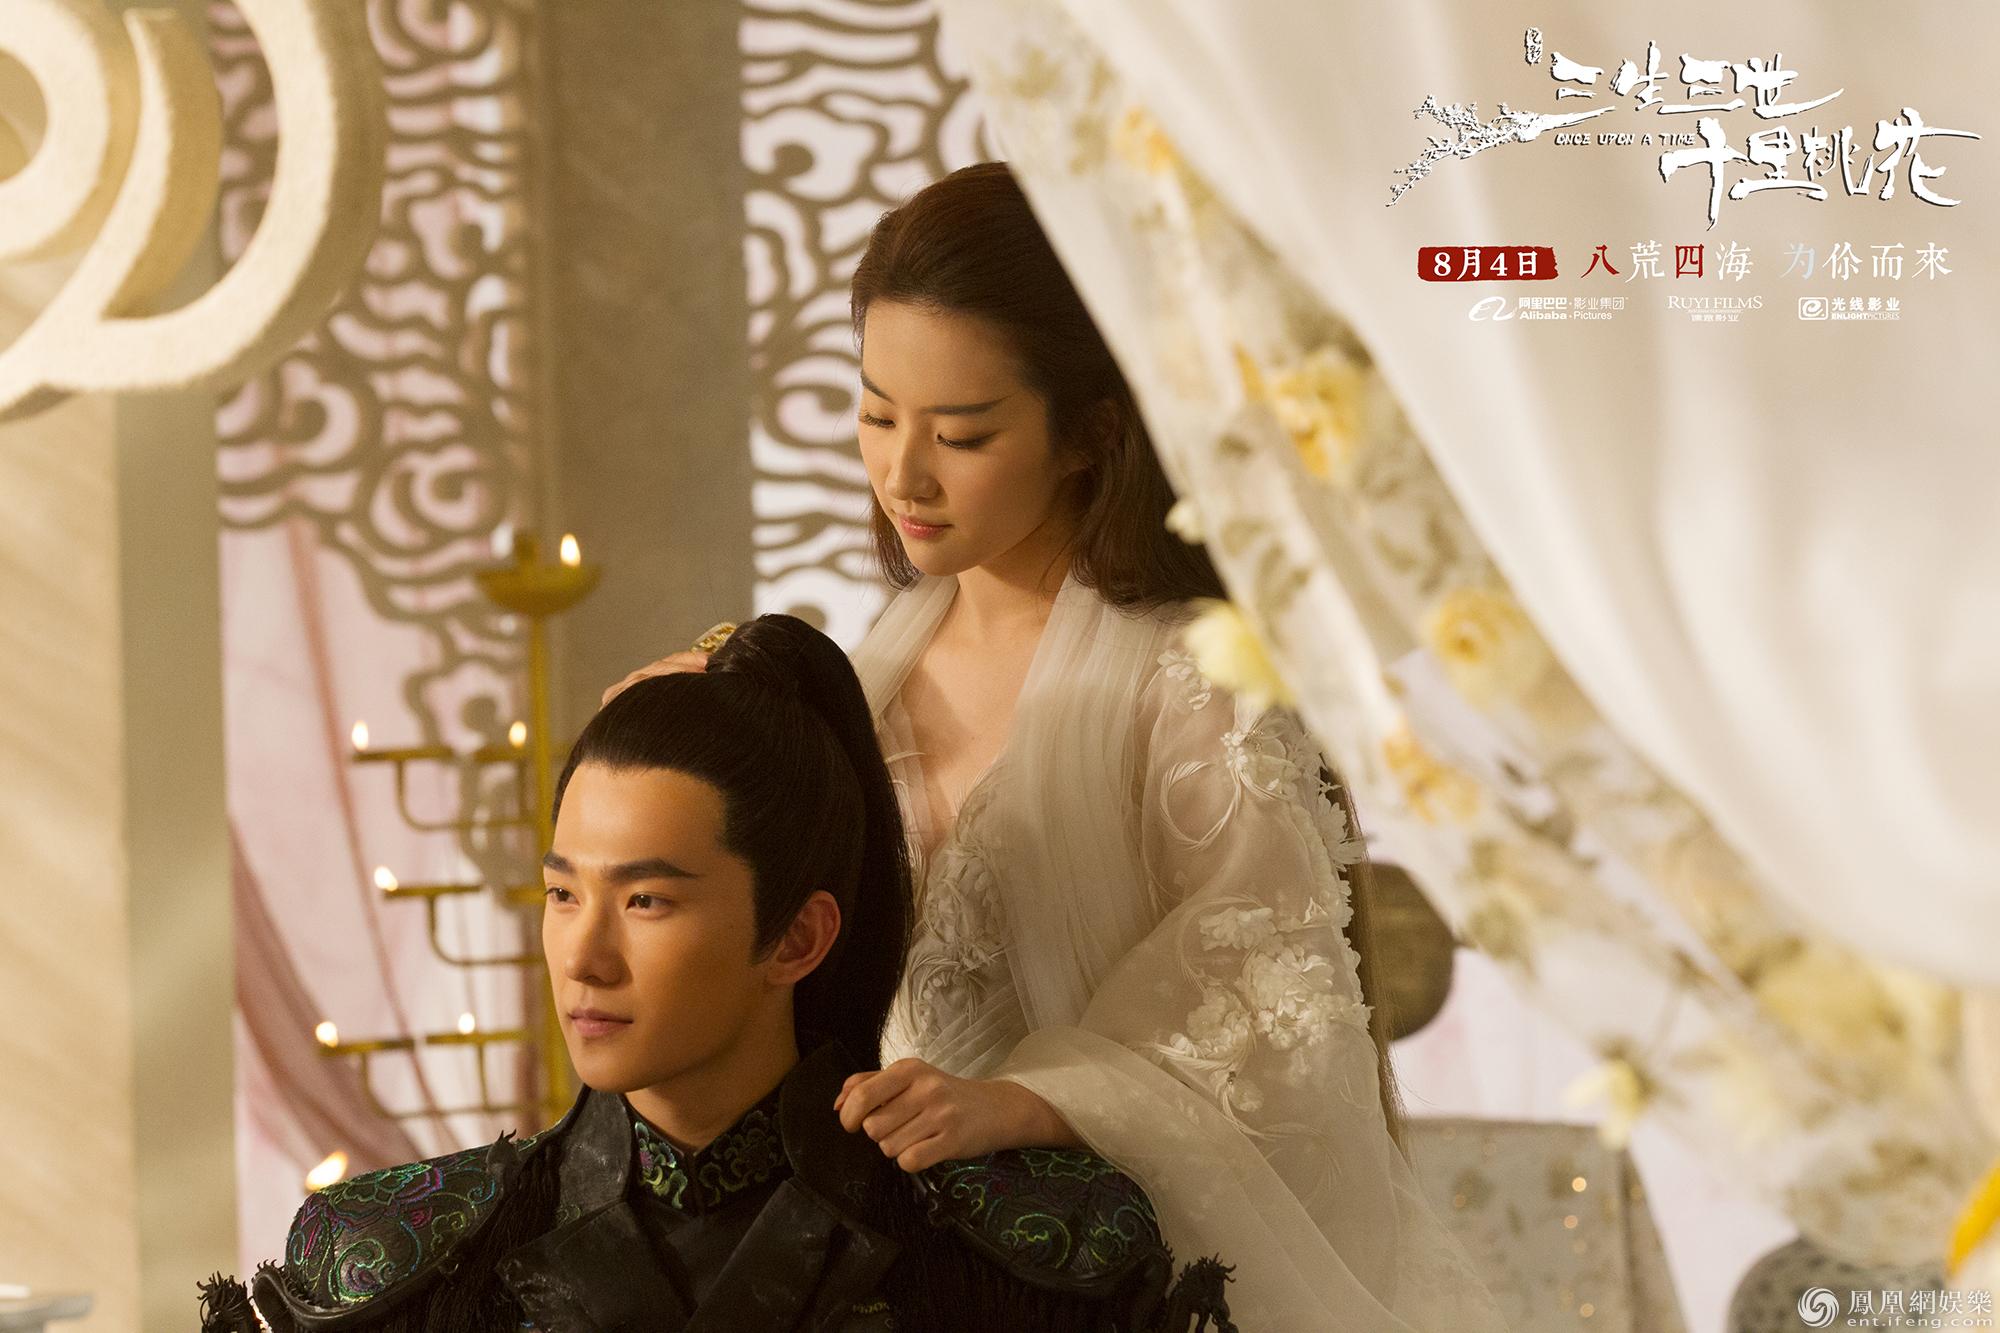 【非常道】刘亦菲:无愧于自己的表演 所有评价都接受